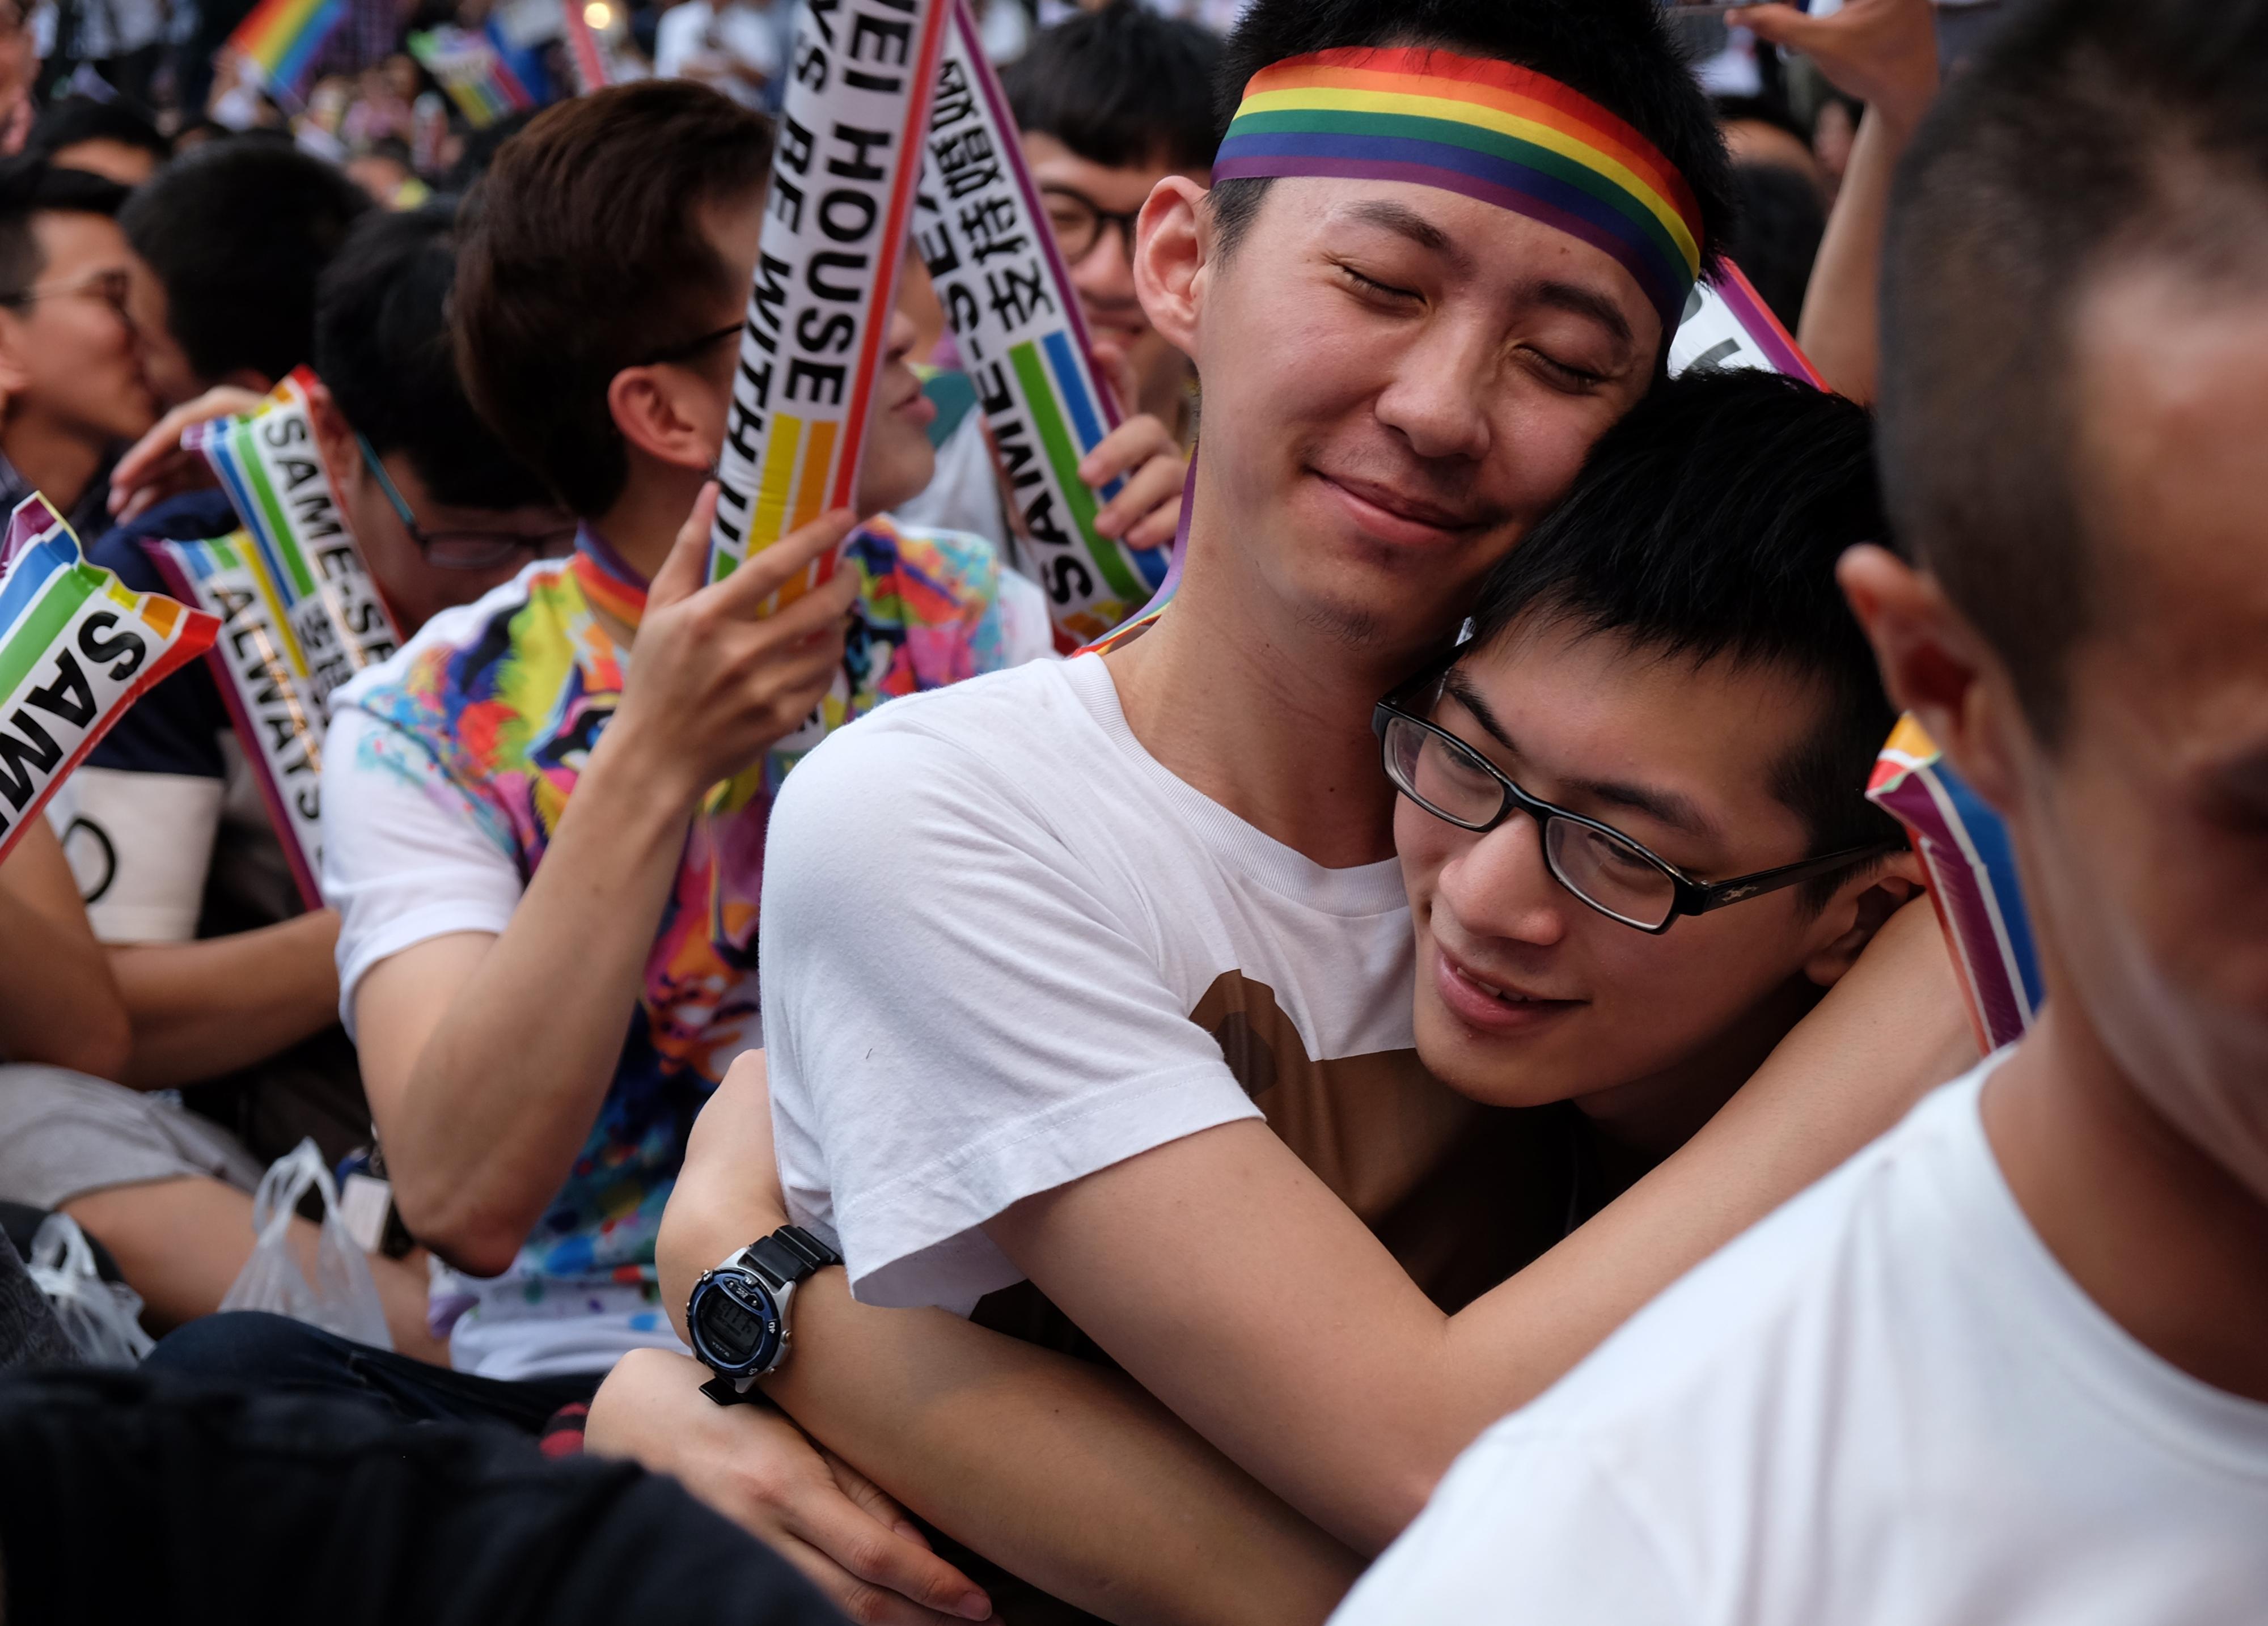 Tajvan lehet az első ázsiai ország, ahol engedélyezik az azonos neműek házasságát